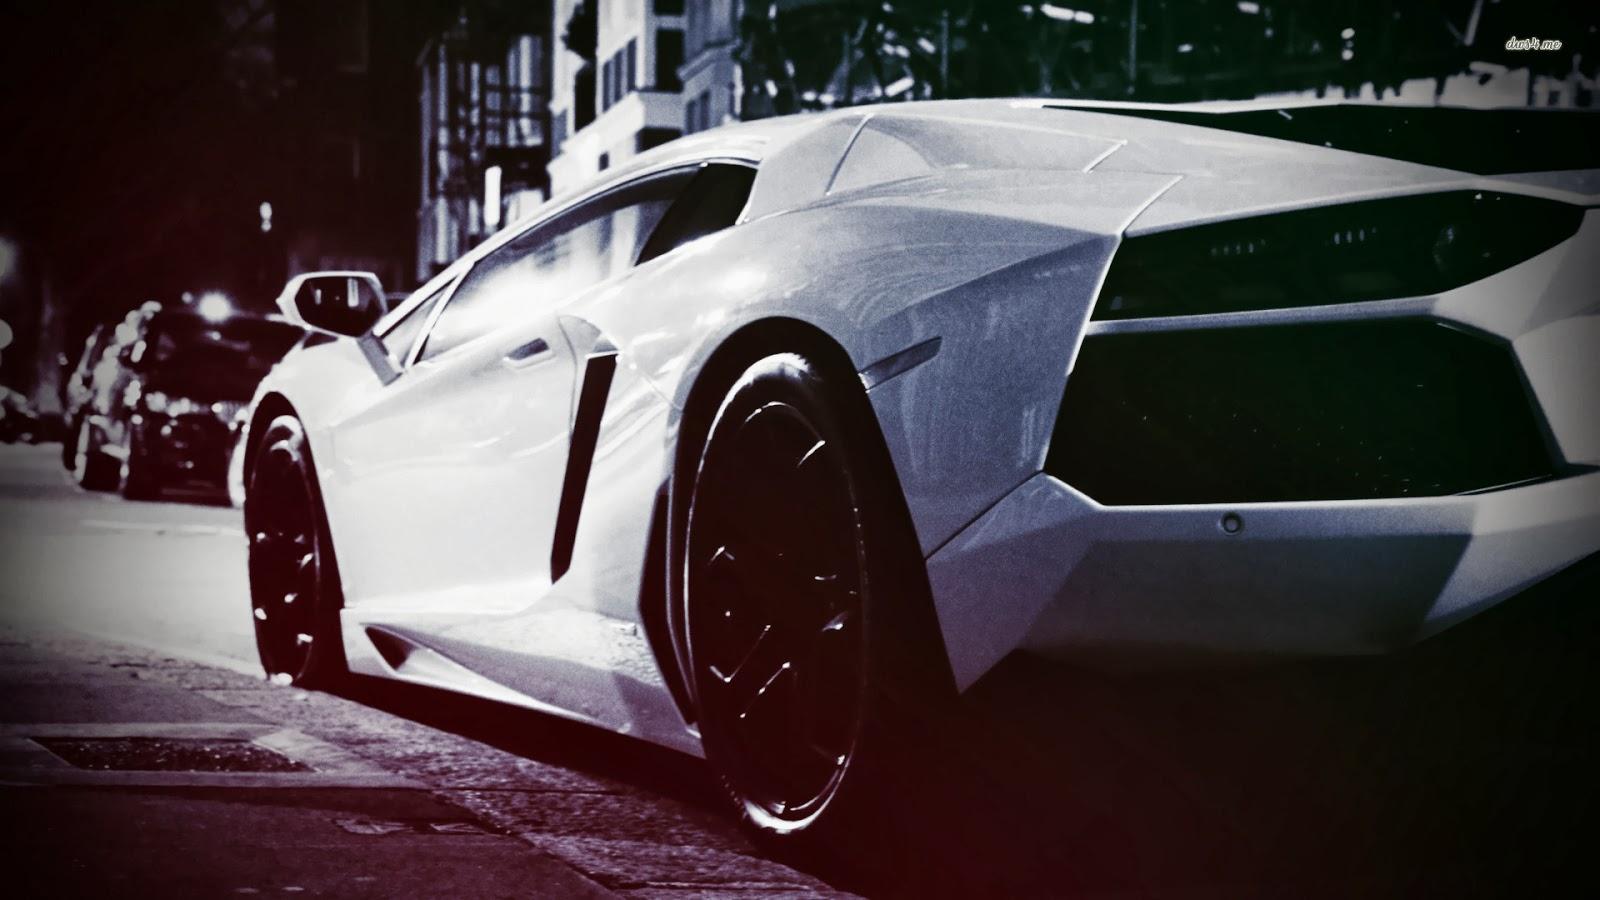 Hd Cars Wallpapers Lamborghini Cars Hd Wallpapers